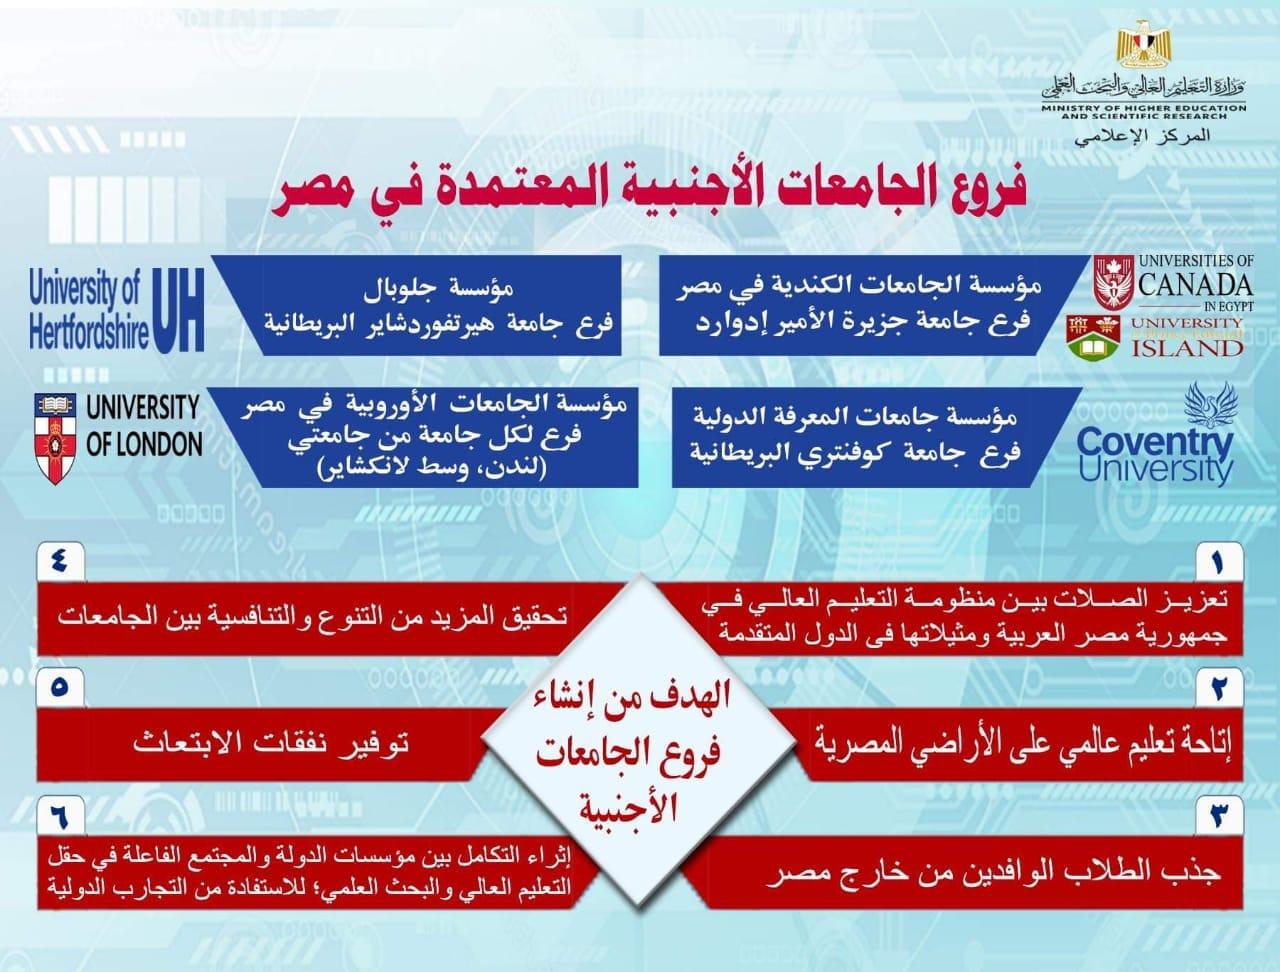 وزير التعليم العالي يستعرض تقريرًا حول فروع الجامعات الأجنبية في مصر